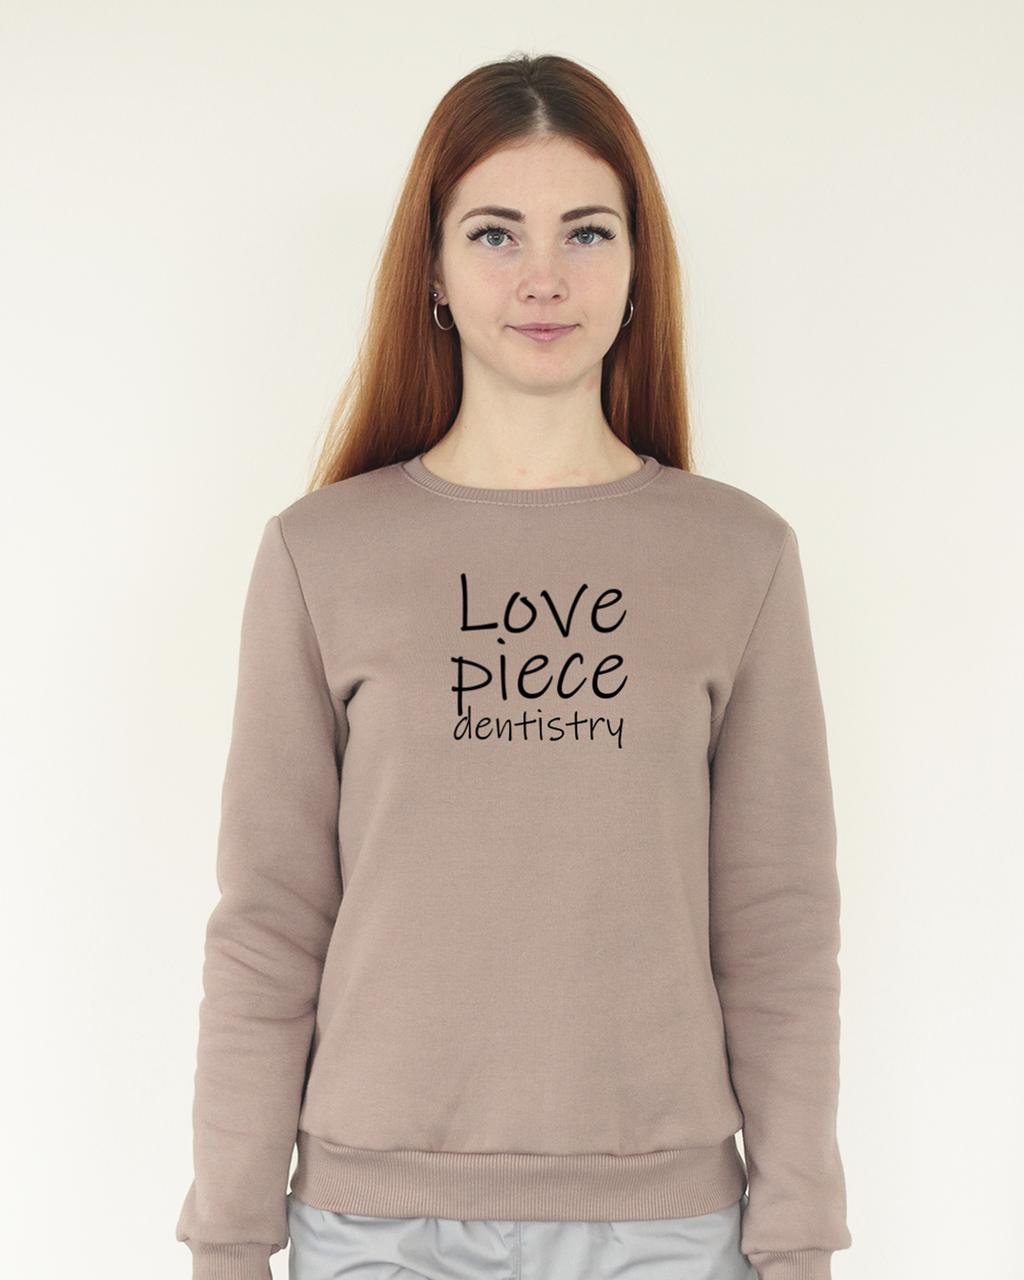 Теплый женский свитшот с начесом, декорированный принтом Love Piece для стоматологов